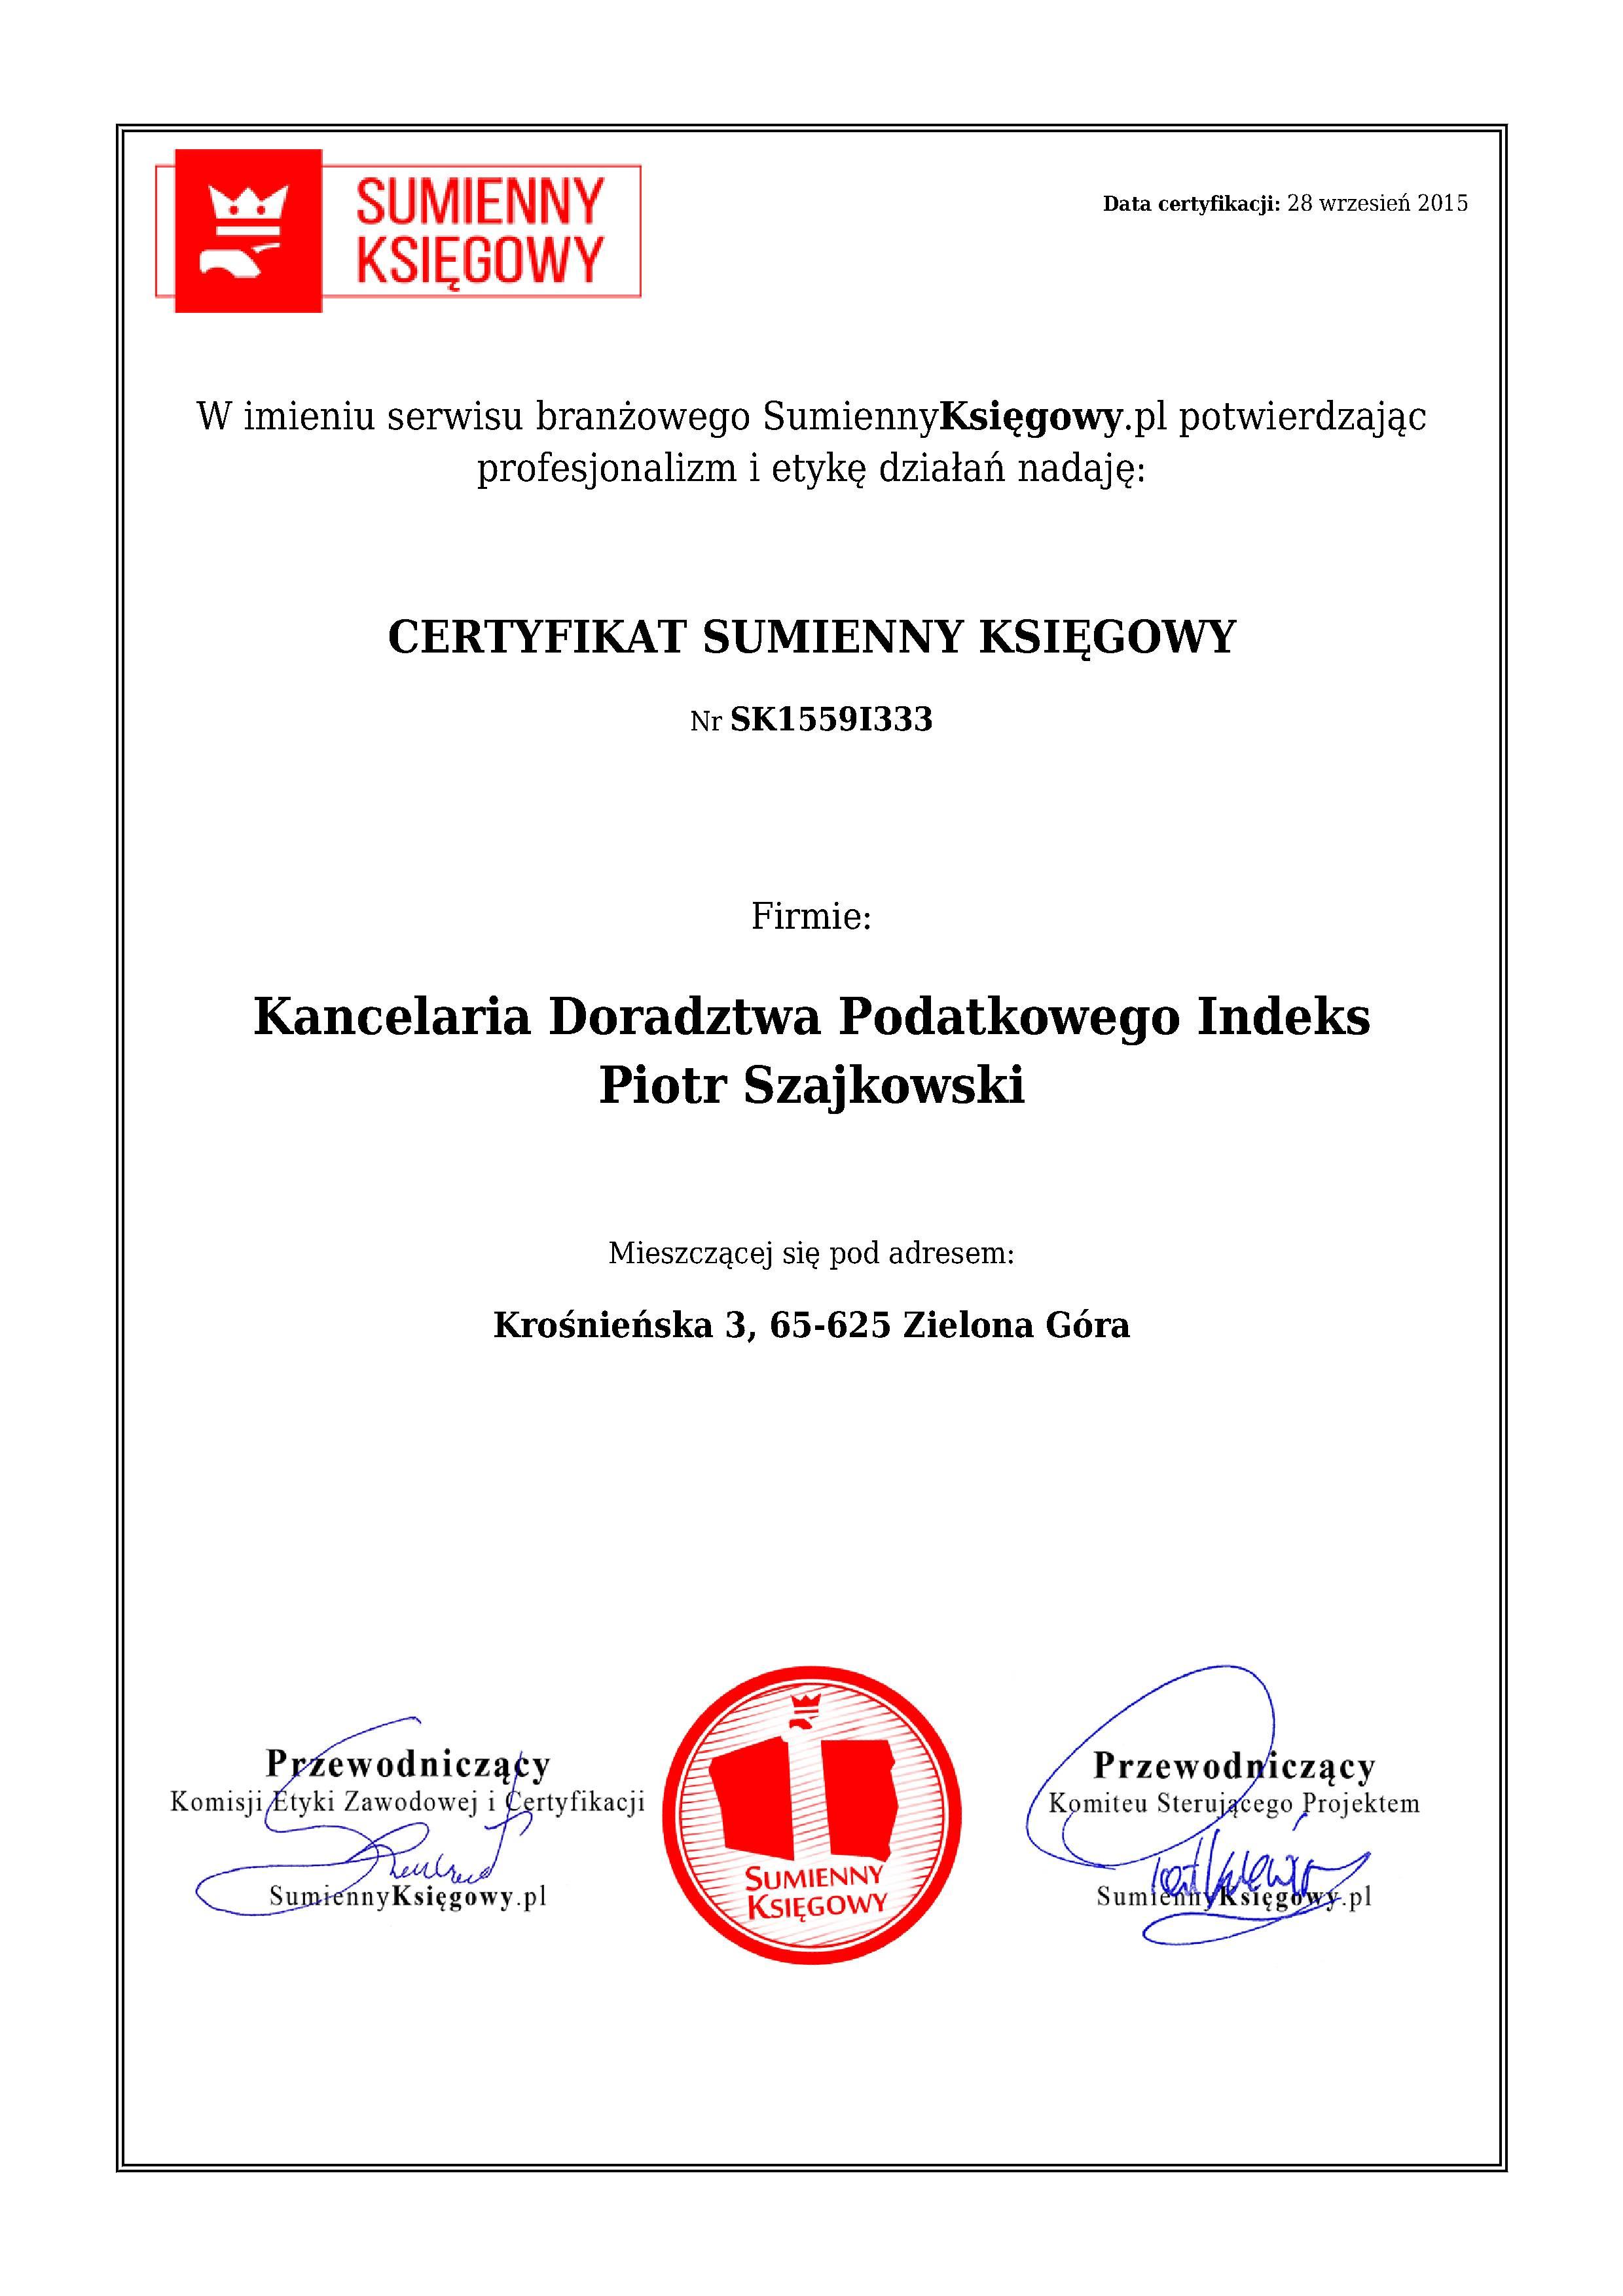 Certyfikat Kancelaria Doradztwa Podatkowego Indeks Piotr Szajkowski